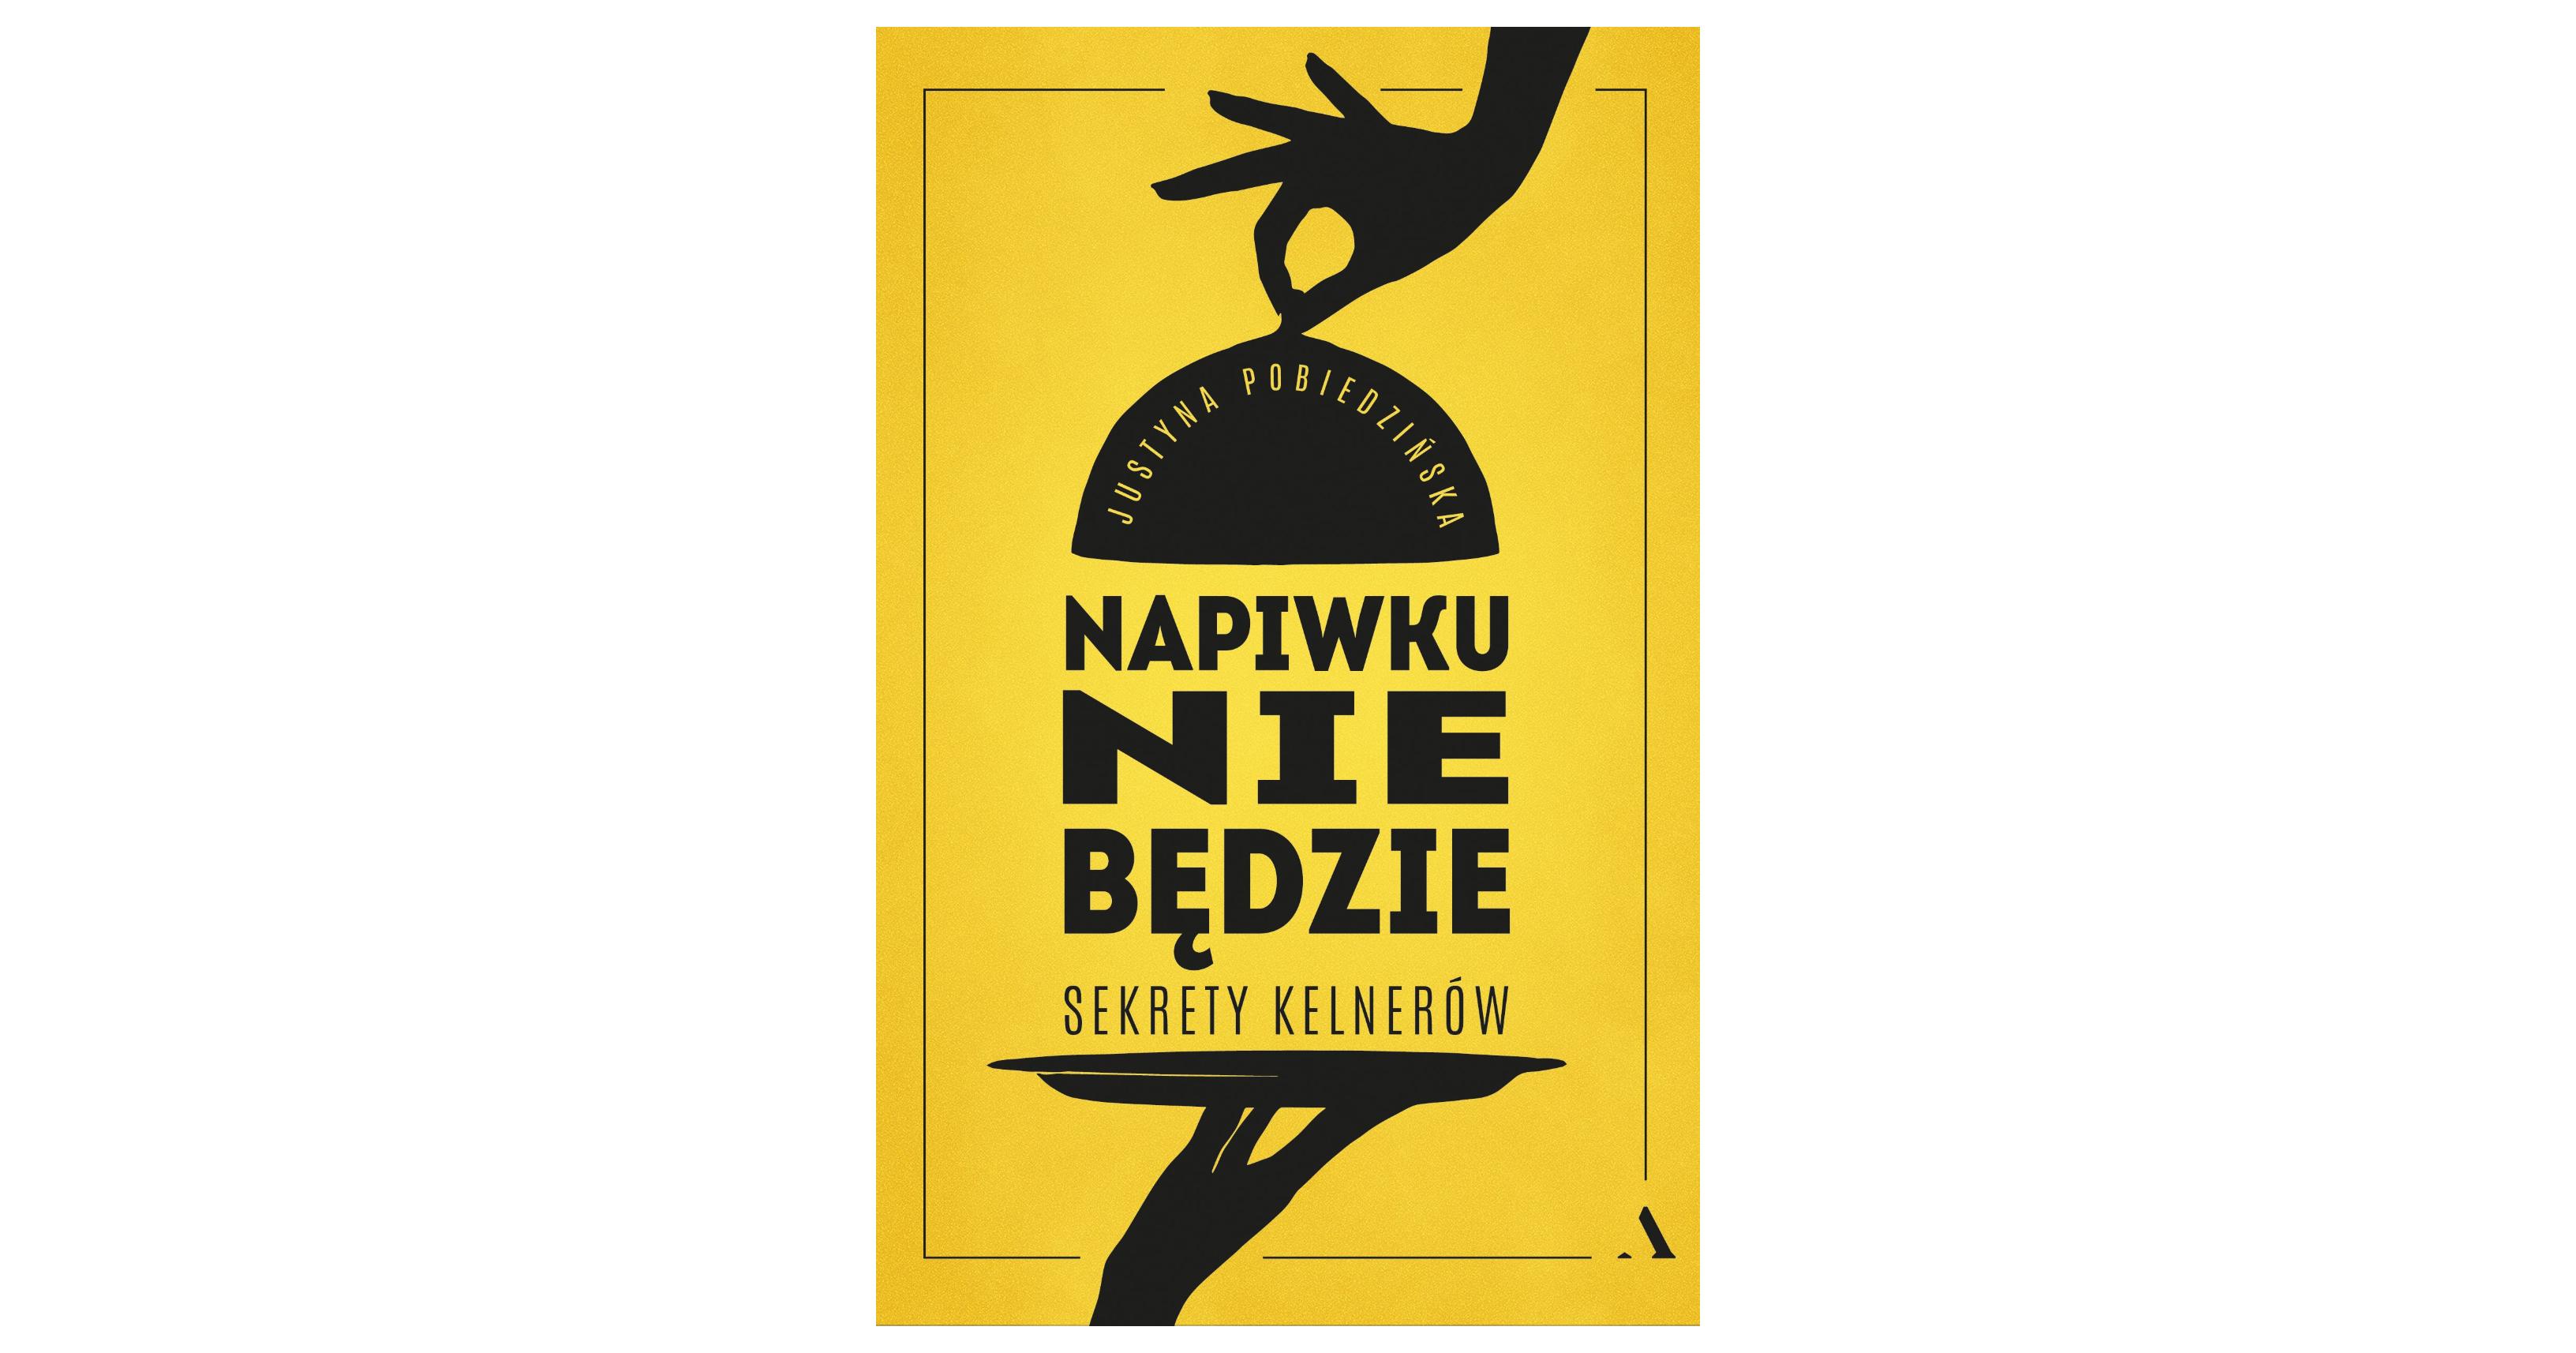 Książka 'Napiwku nie będzie. Sekrety kelnerów' Justyny Pobiedzińskiej (fot. Materiały prasowe)